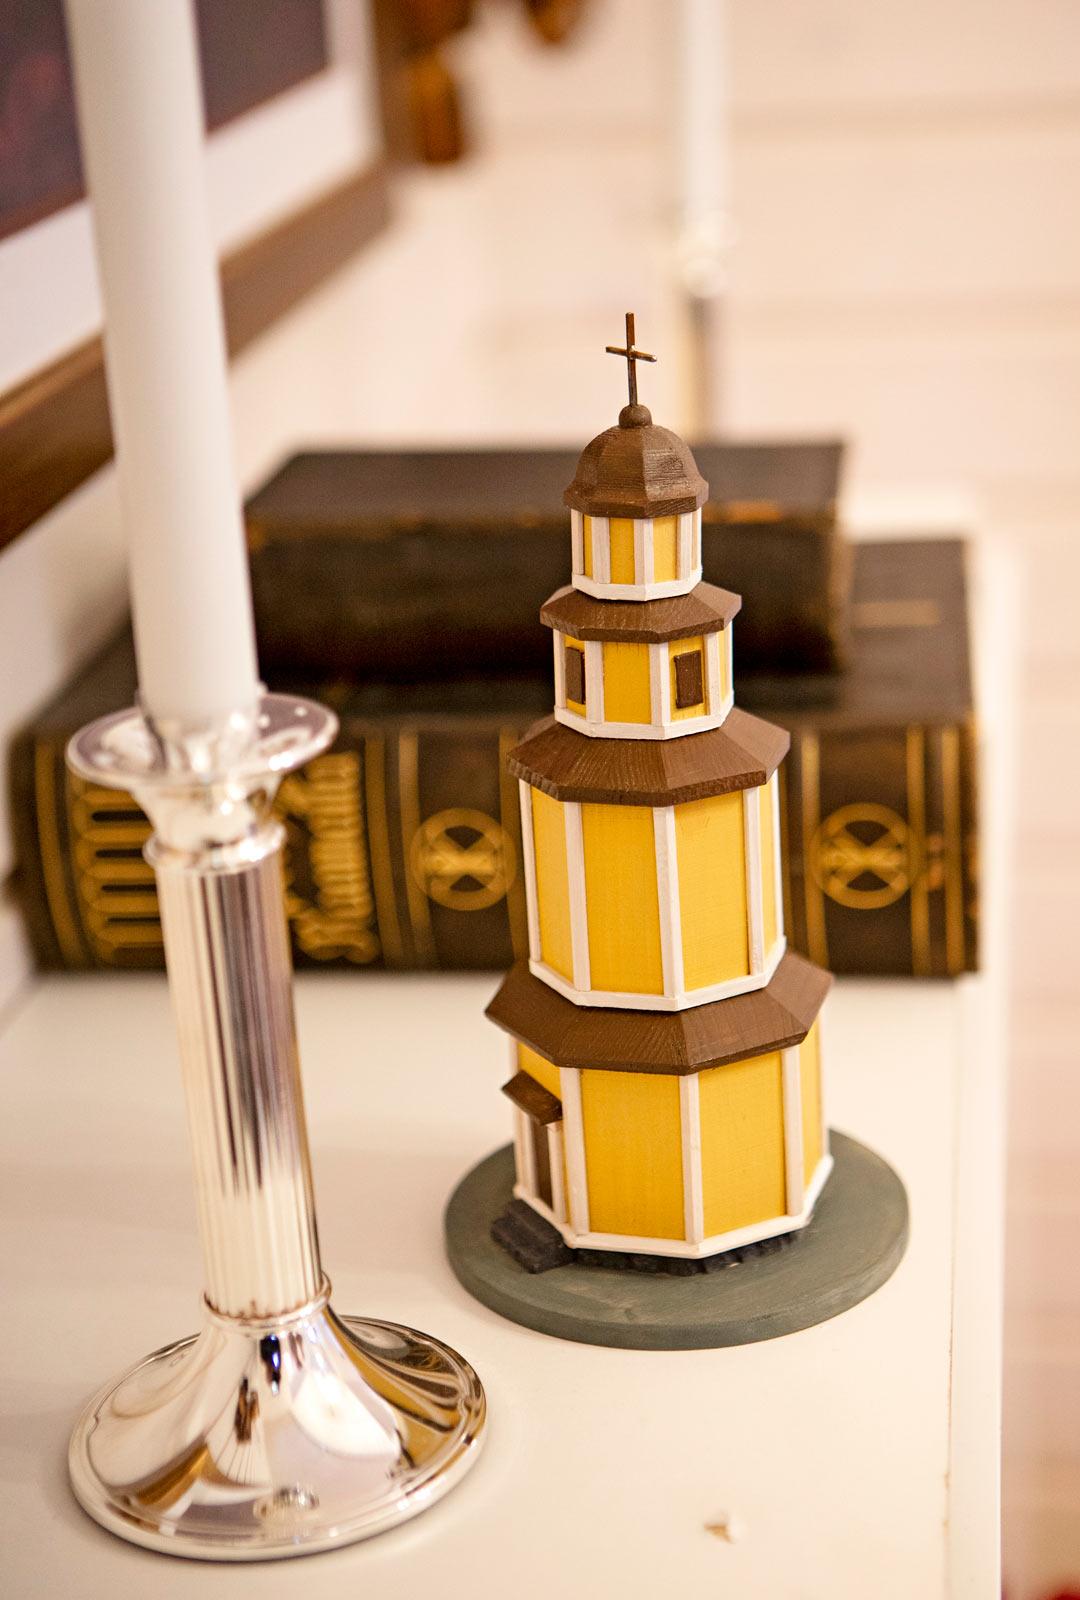 Hiitolan kirkon pienoismalli